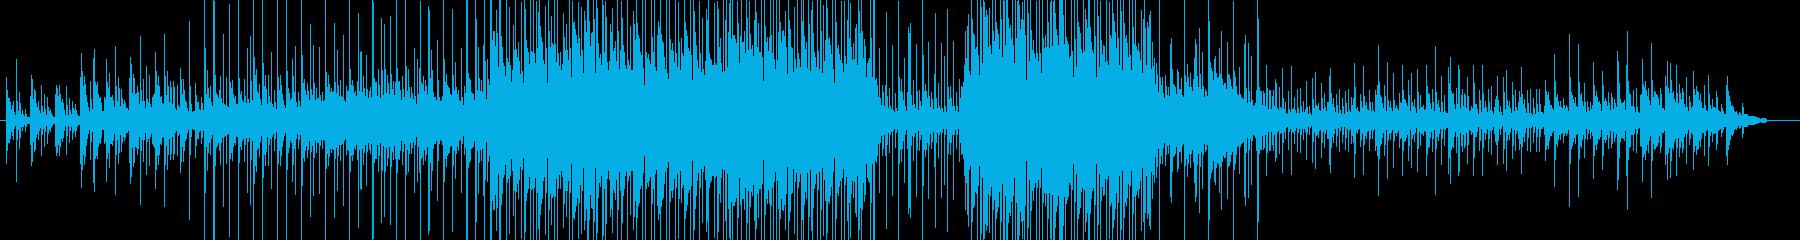 企業向けプレゼン・スライドショー感動映像の再生済みの波形